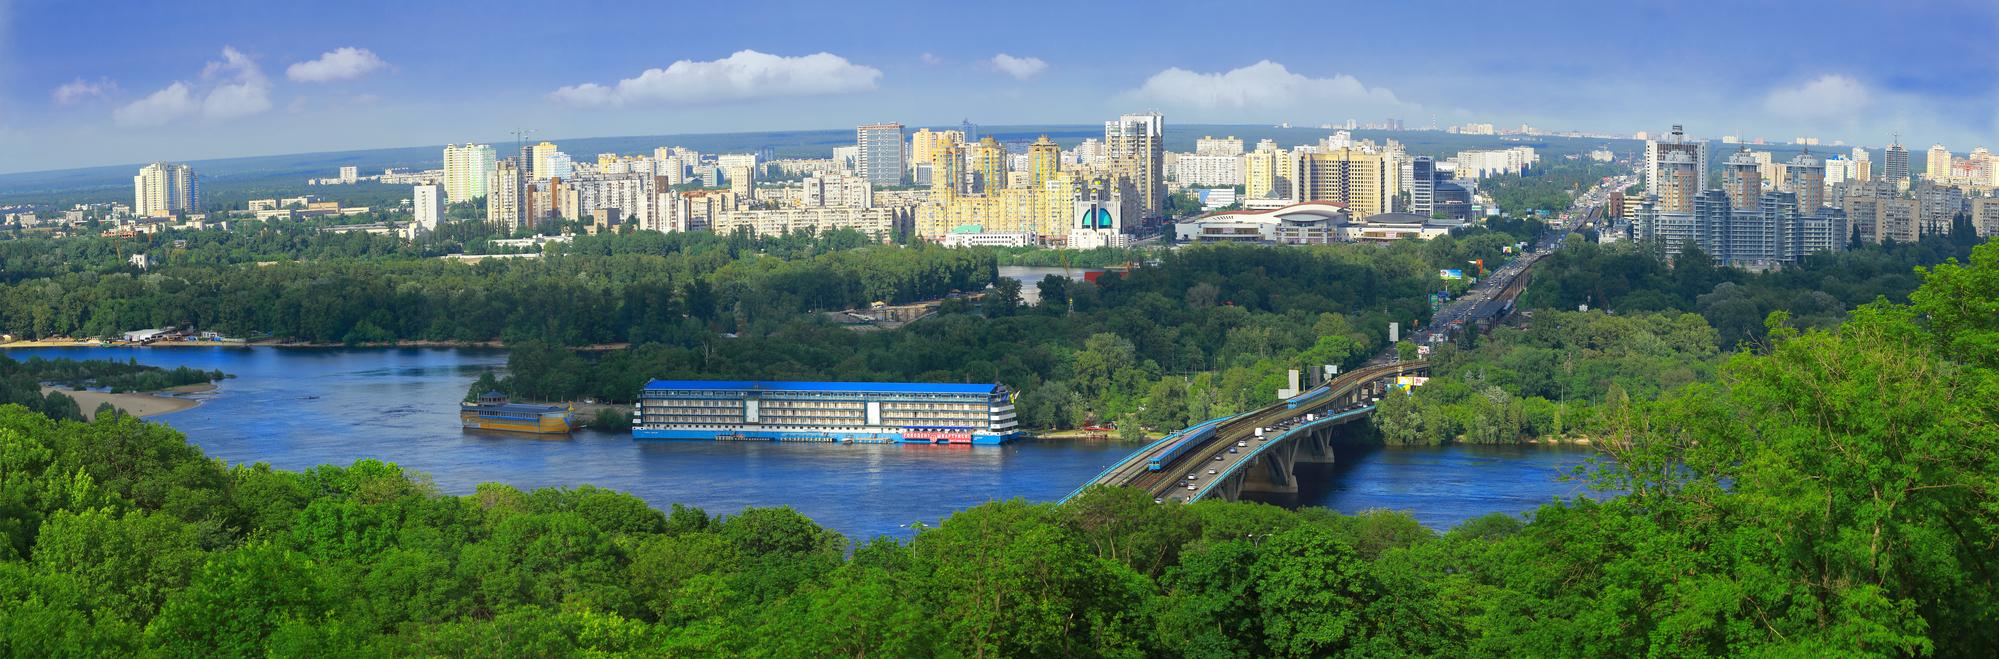 Перекрыли мост метро в Киеве: Как добраться на другой берег